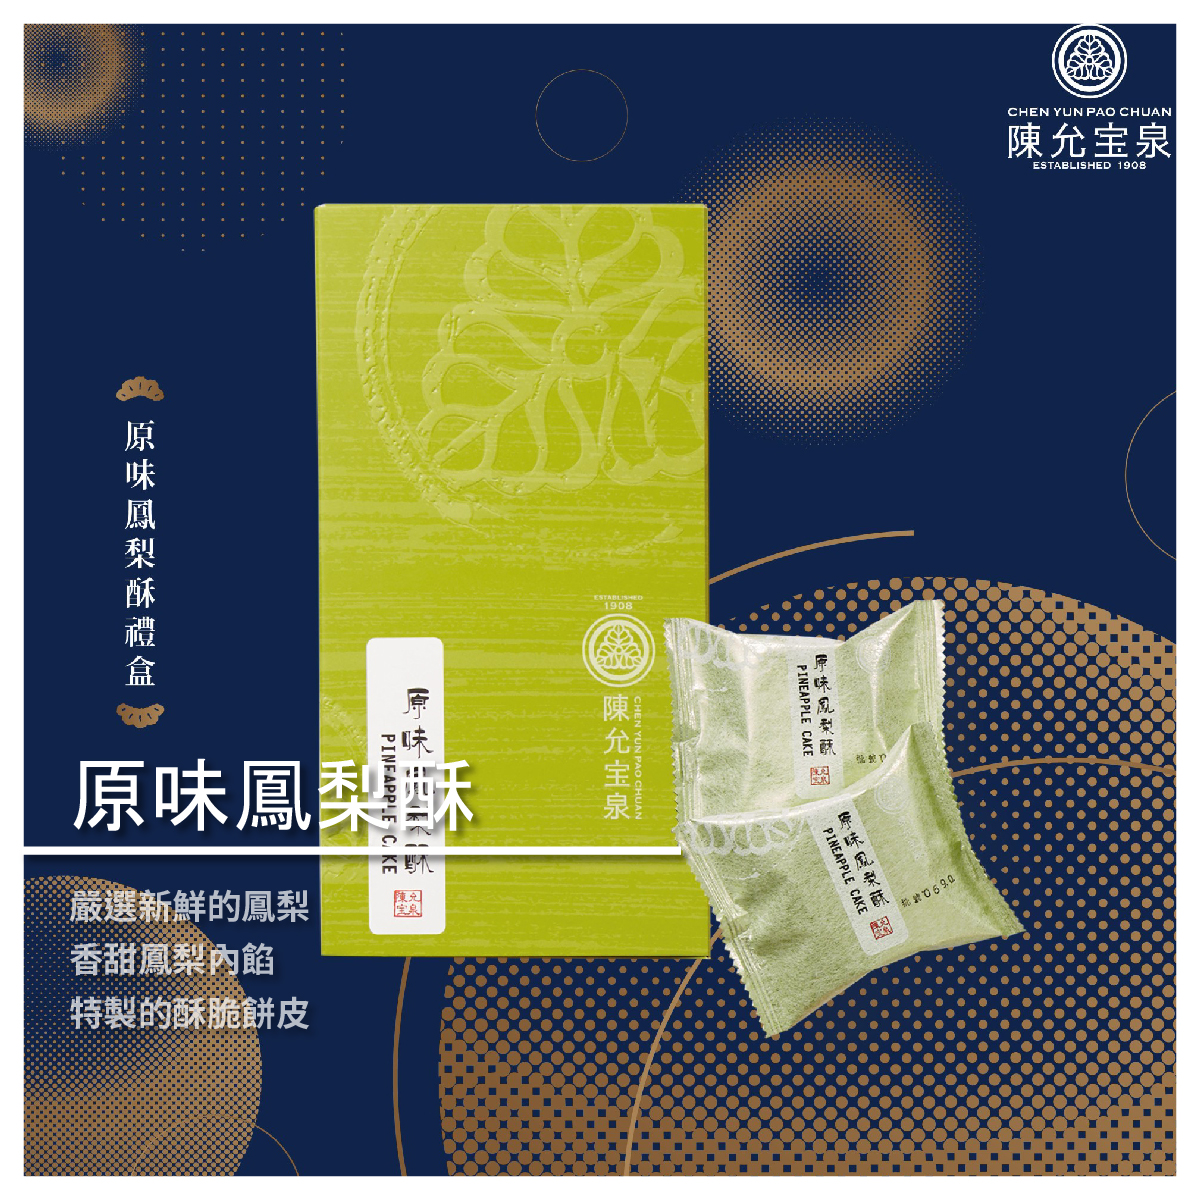 【陳允寶泉】原味鳳梨酥6入/盒